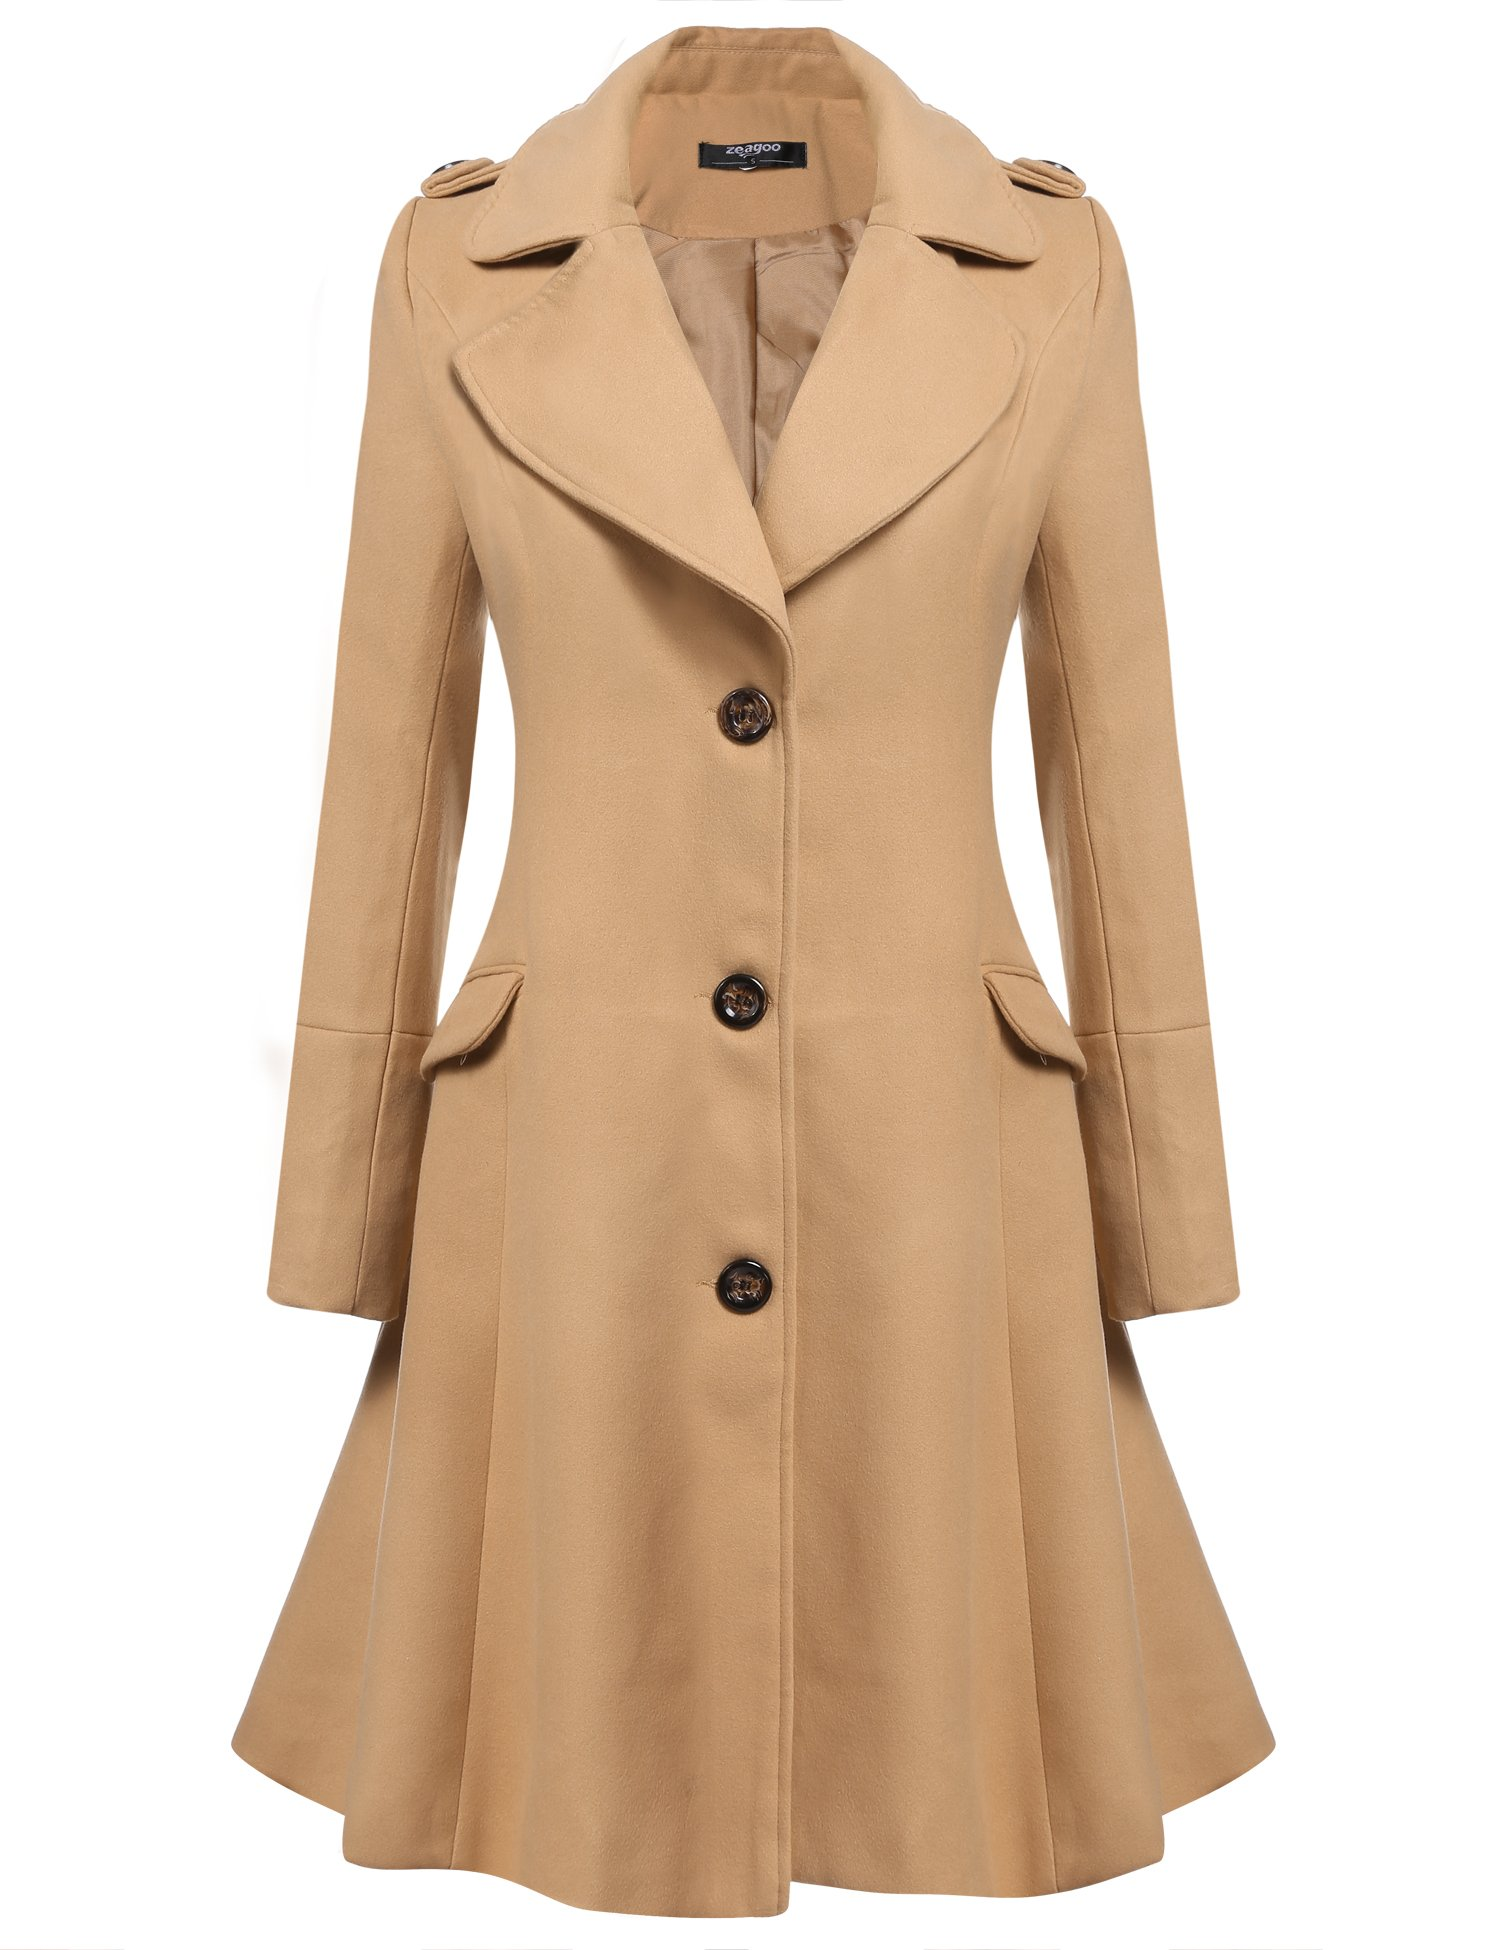 Zeagoo Women's Stylish Lapel Faux Fur Collar Wool Blend Long Sleeve Trench Coat Dress Coat by Zeagoo